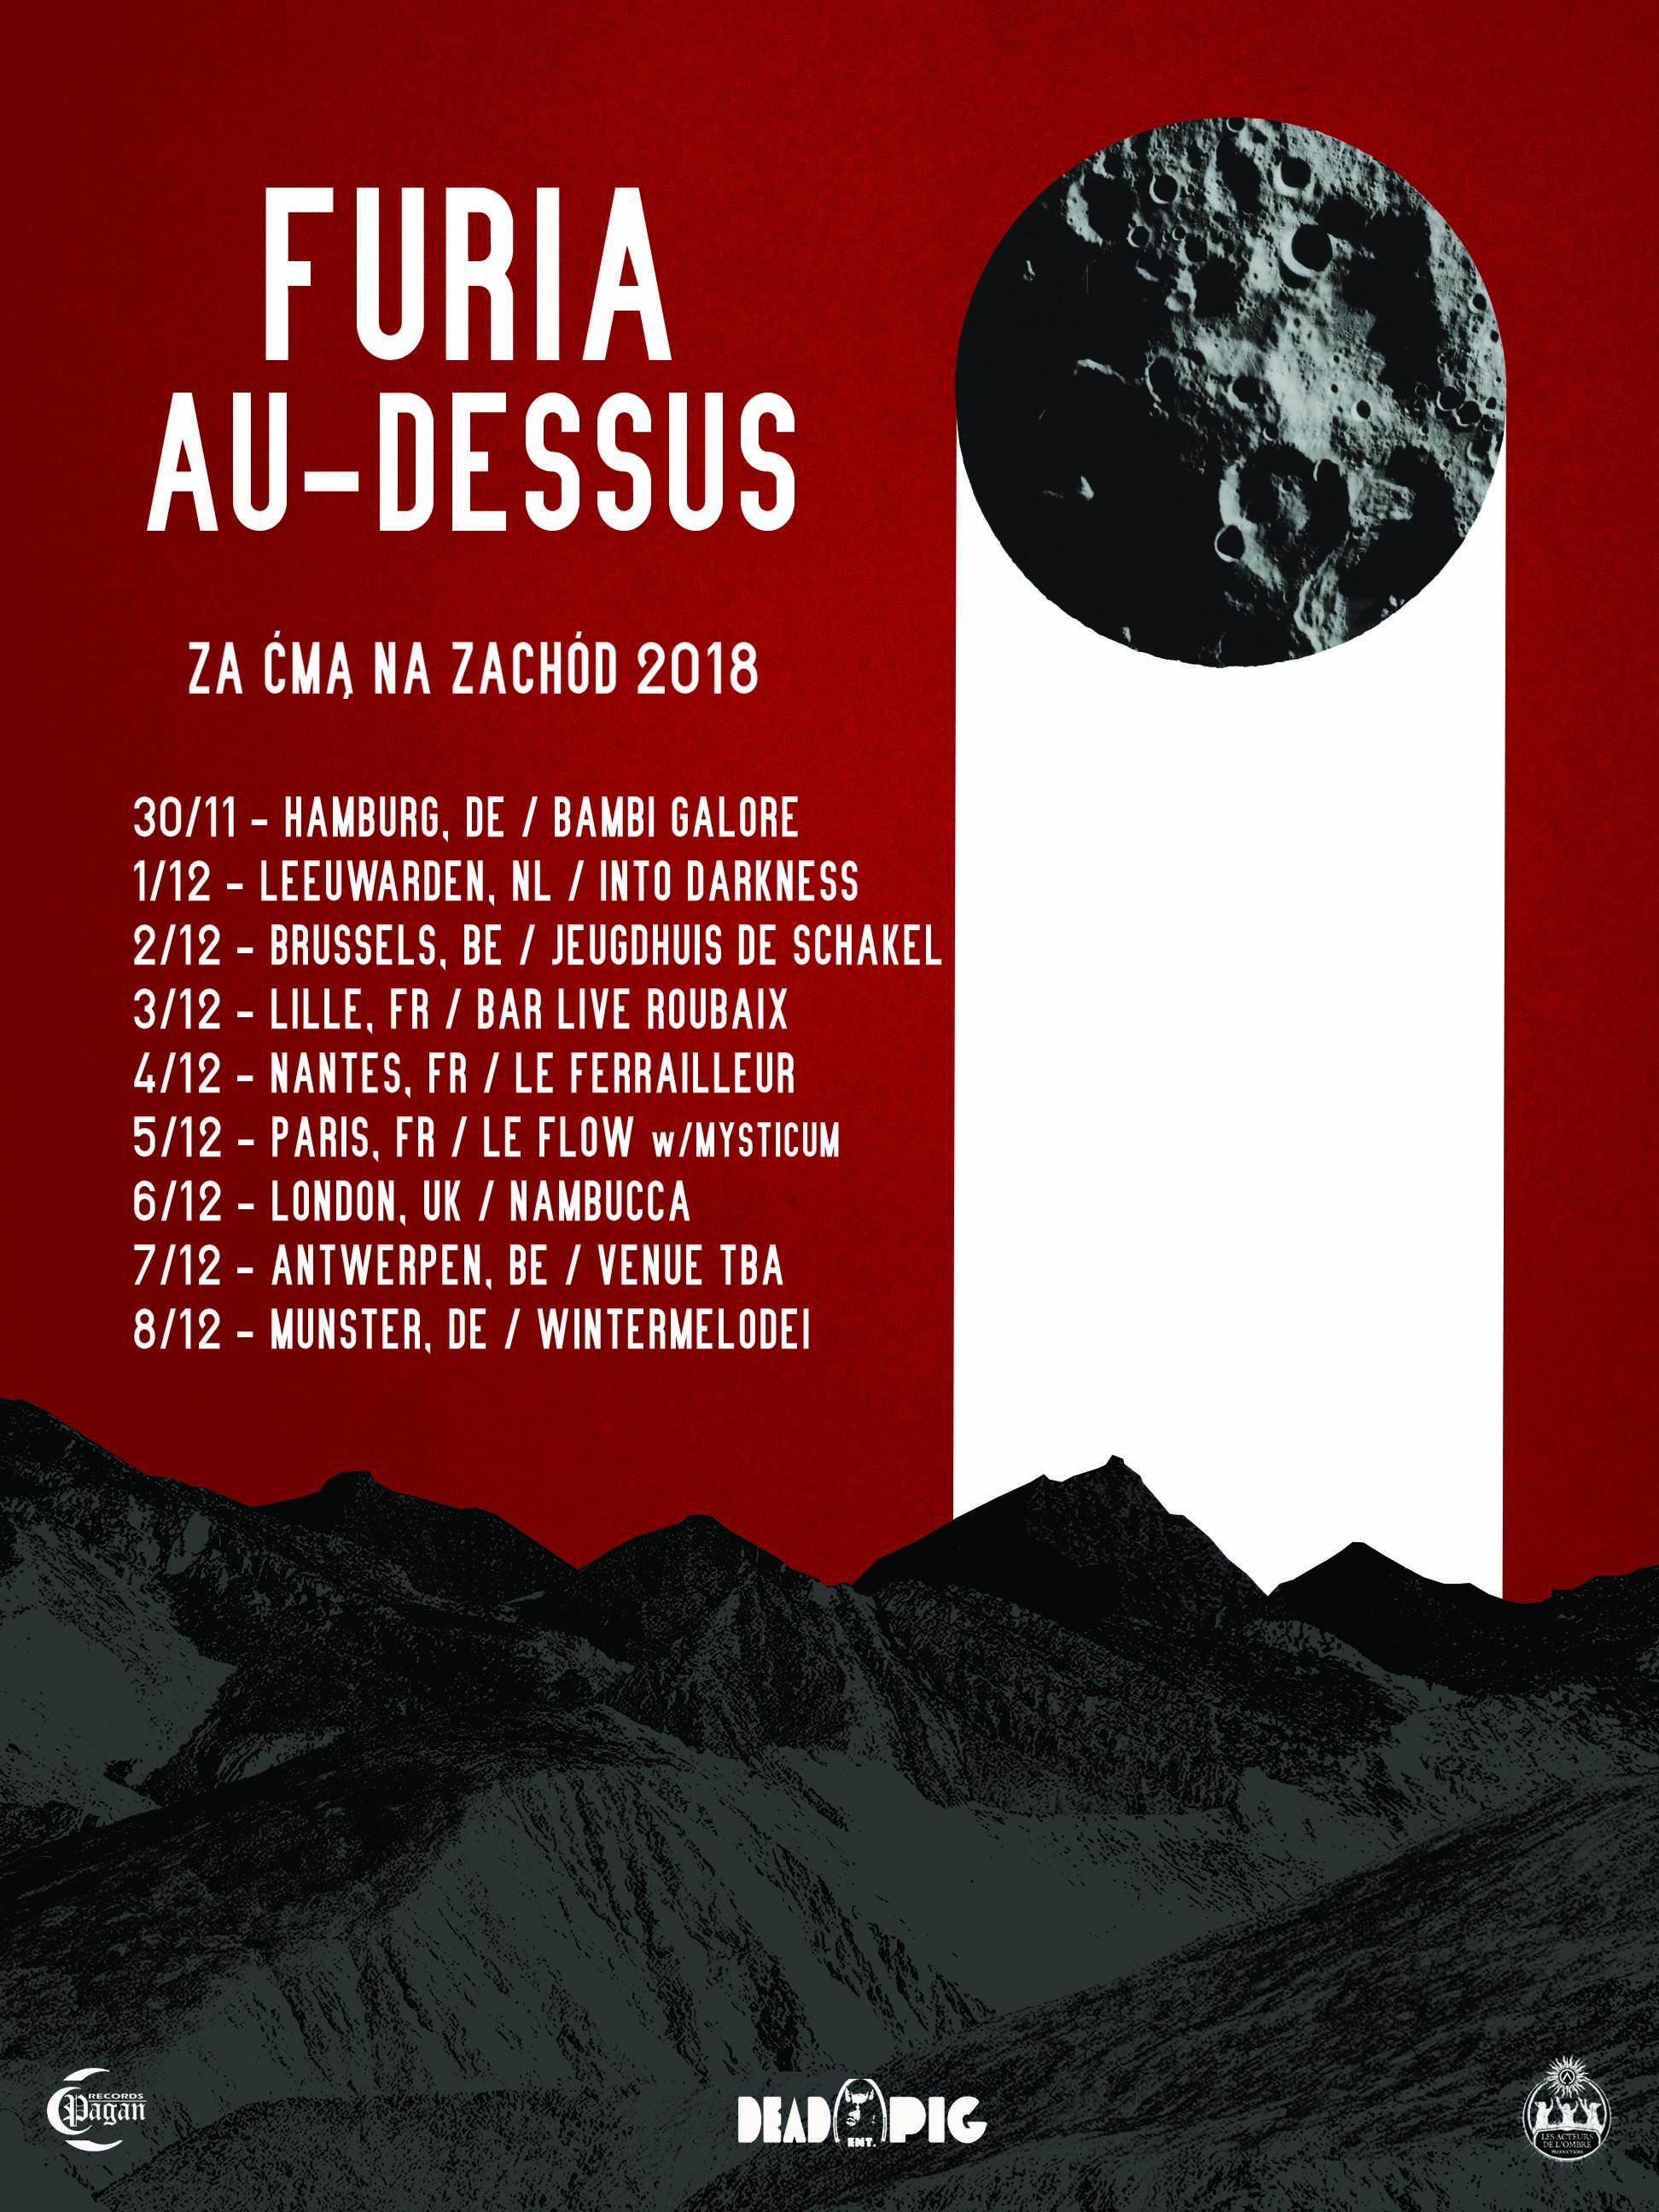 Tourplakat von Furia auf ihrer Western European Tour 2018